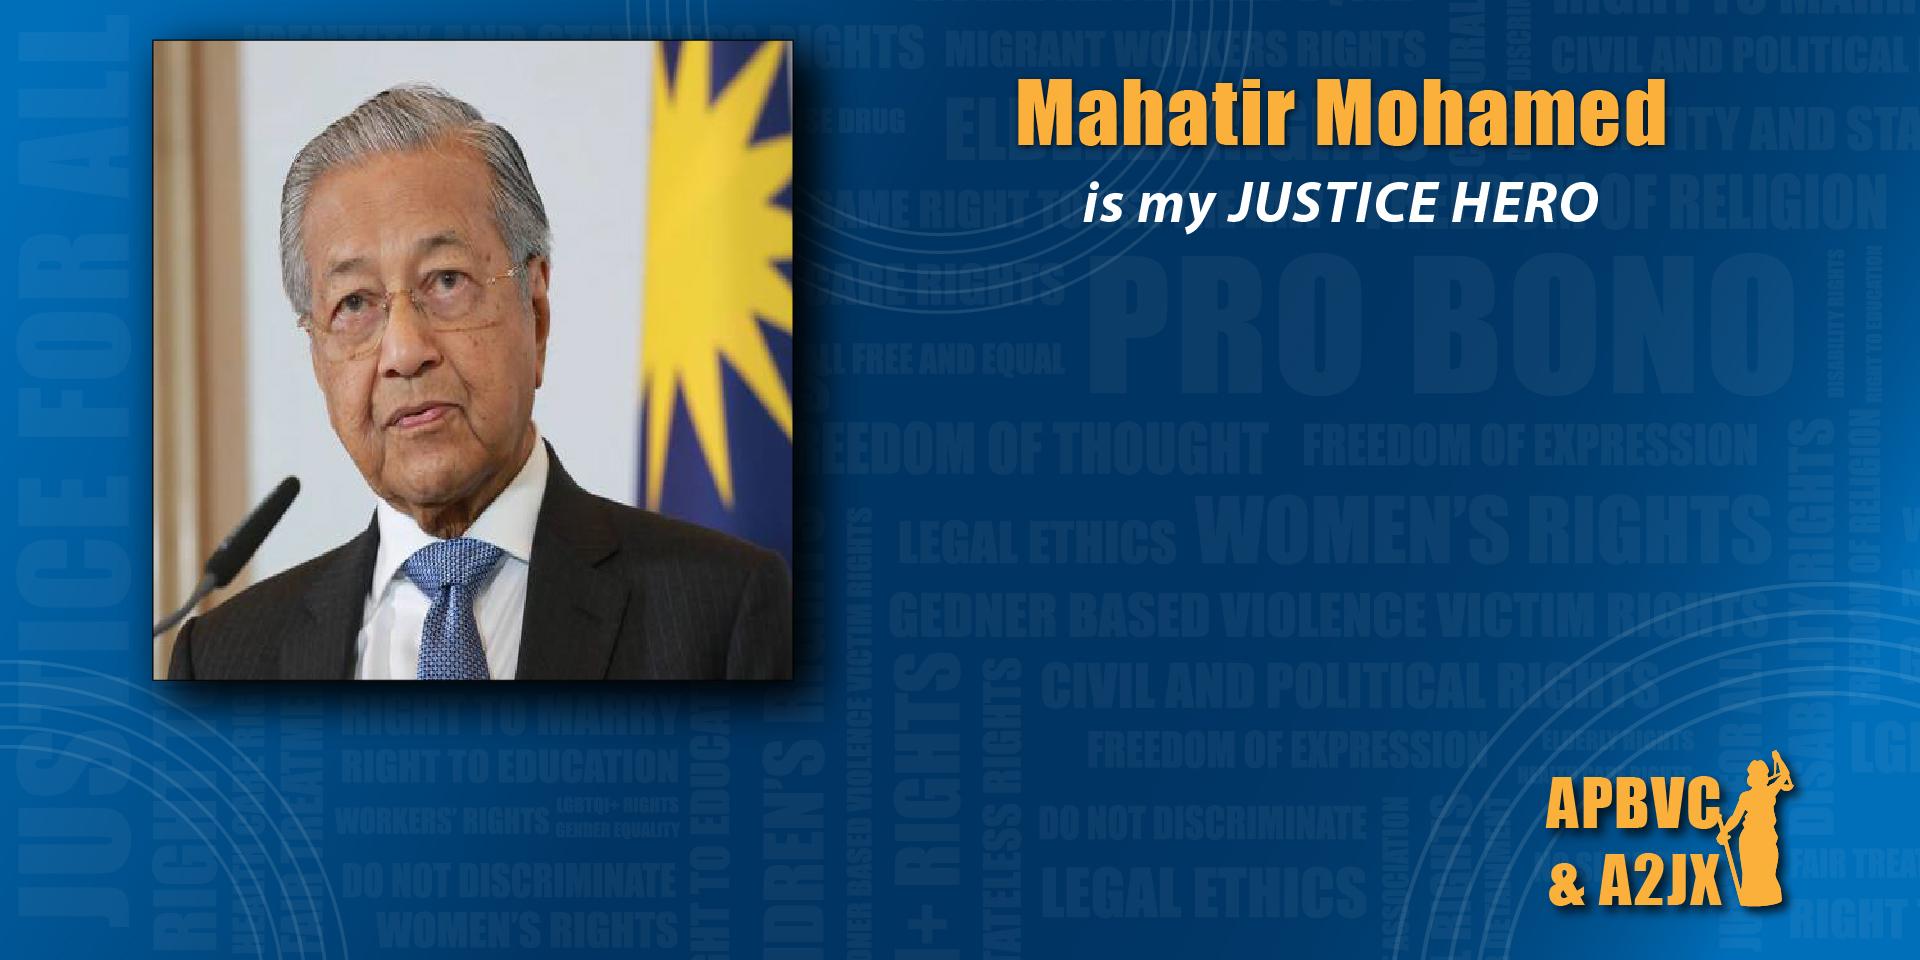 Mahatir Mohamed